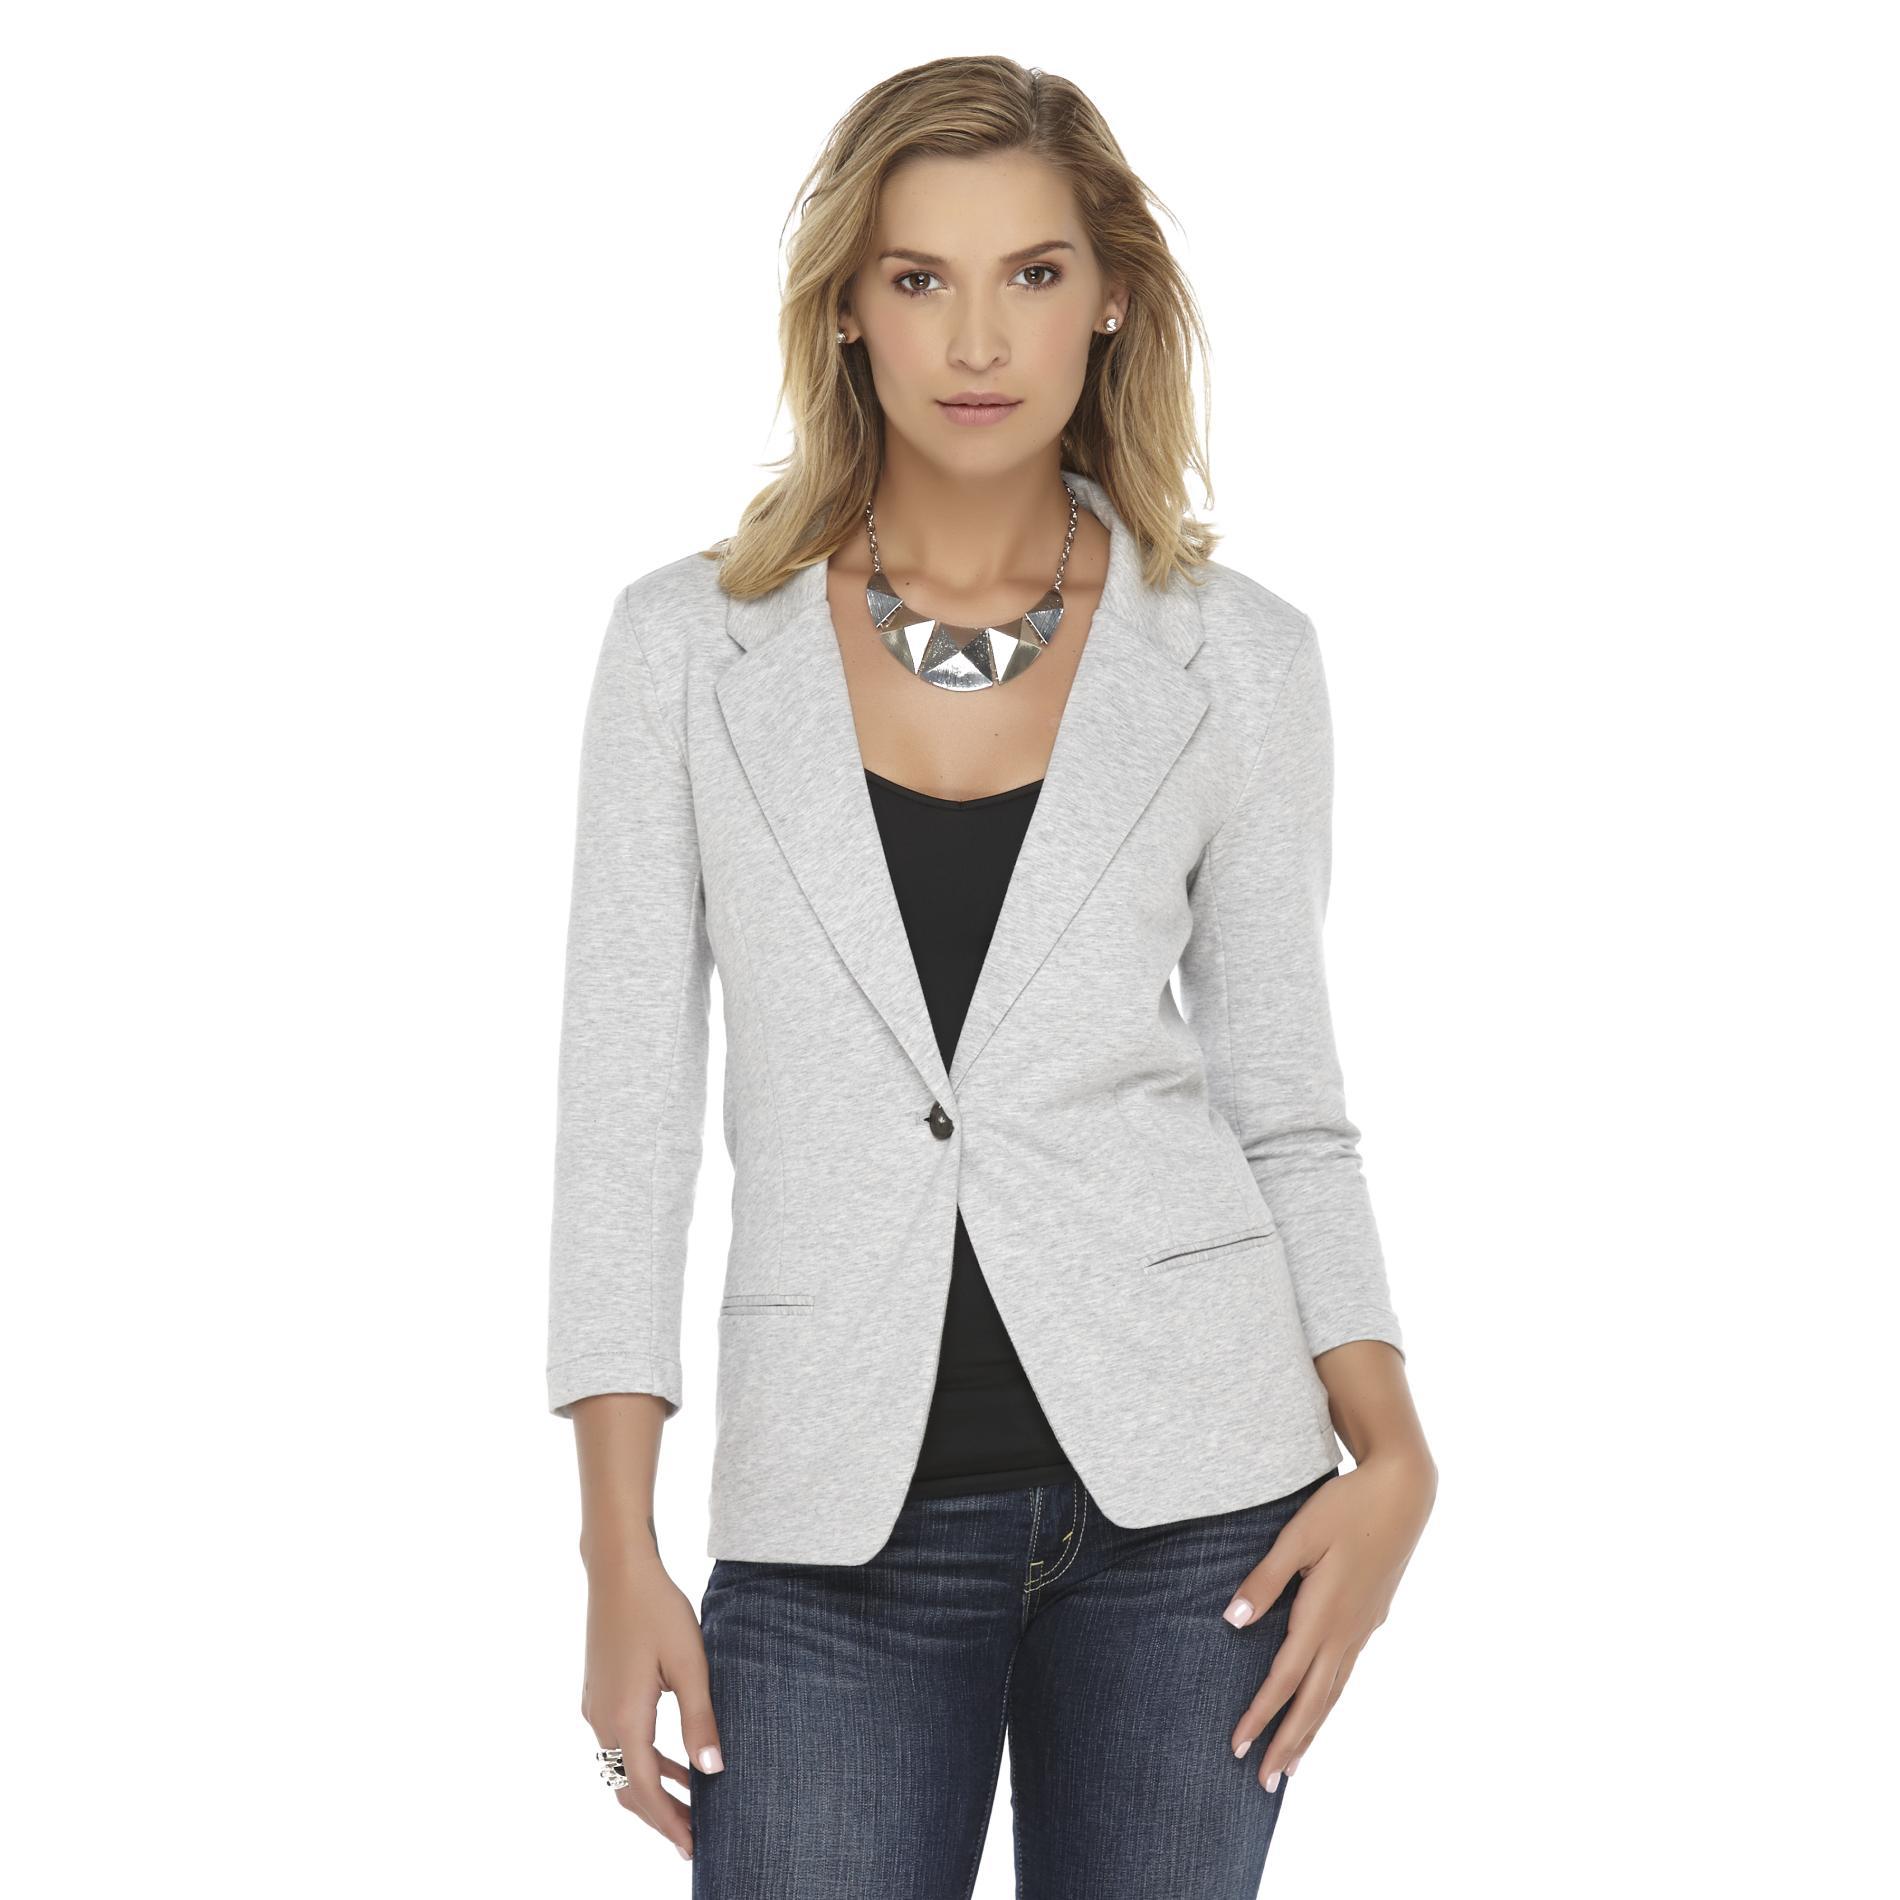 women blazers metaphor womenu0027s knit blazer - clothing - womenu0027s clothing - womenu0027s blazers,  jackets u0026 KIGPSPS